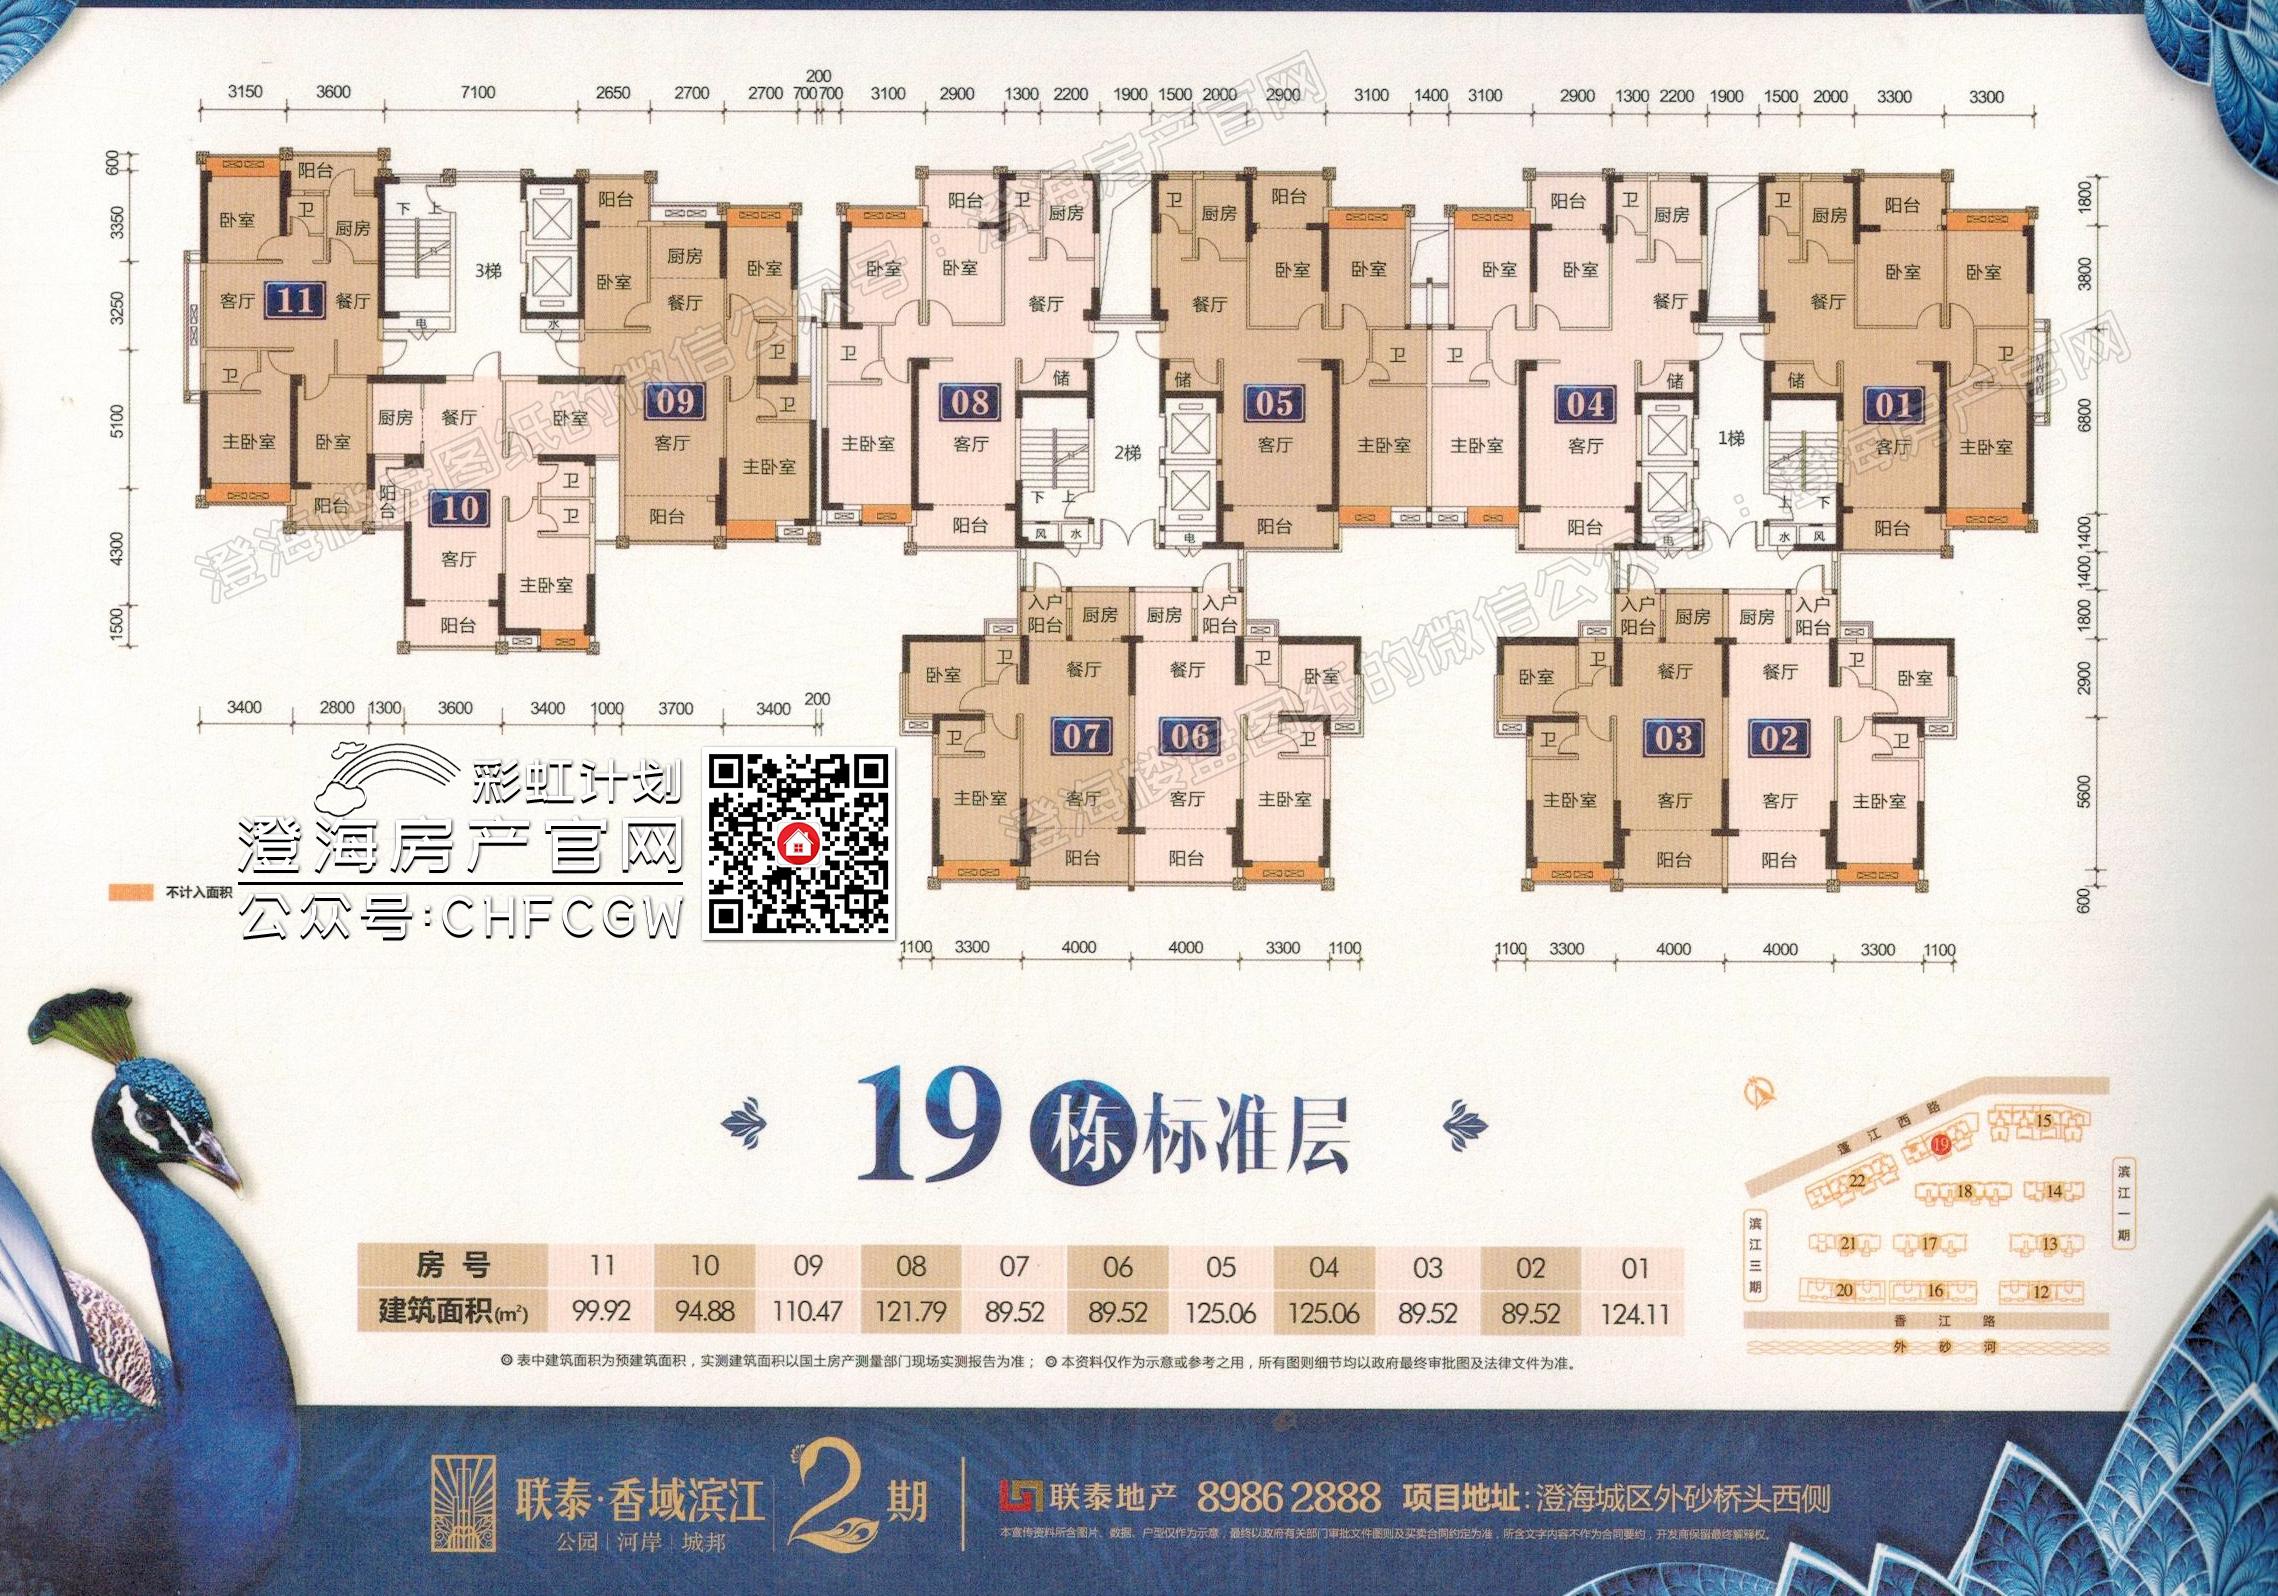 香域滨江二期高清户型图插图9